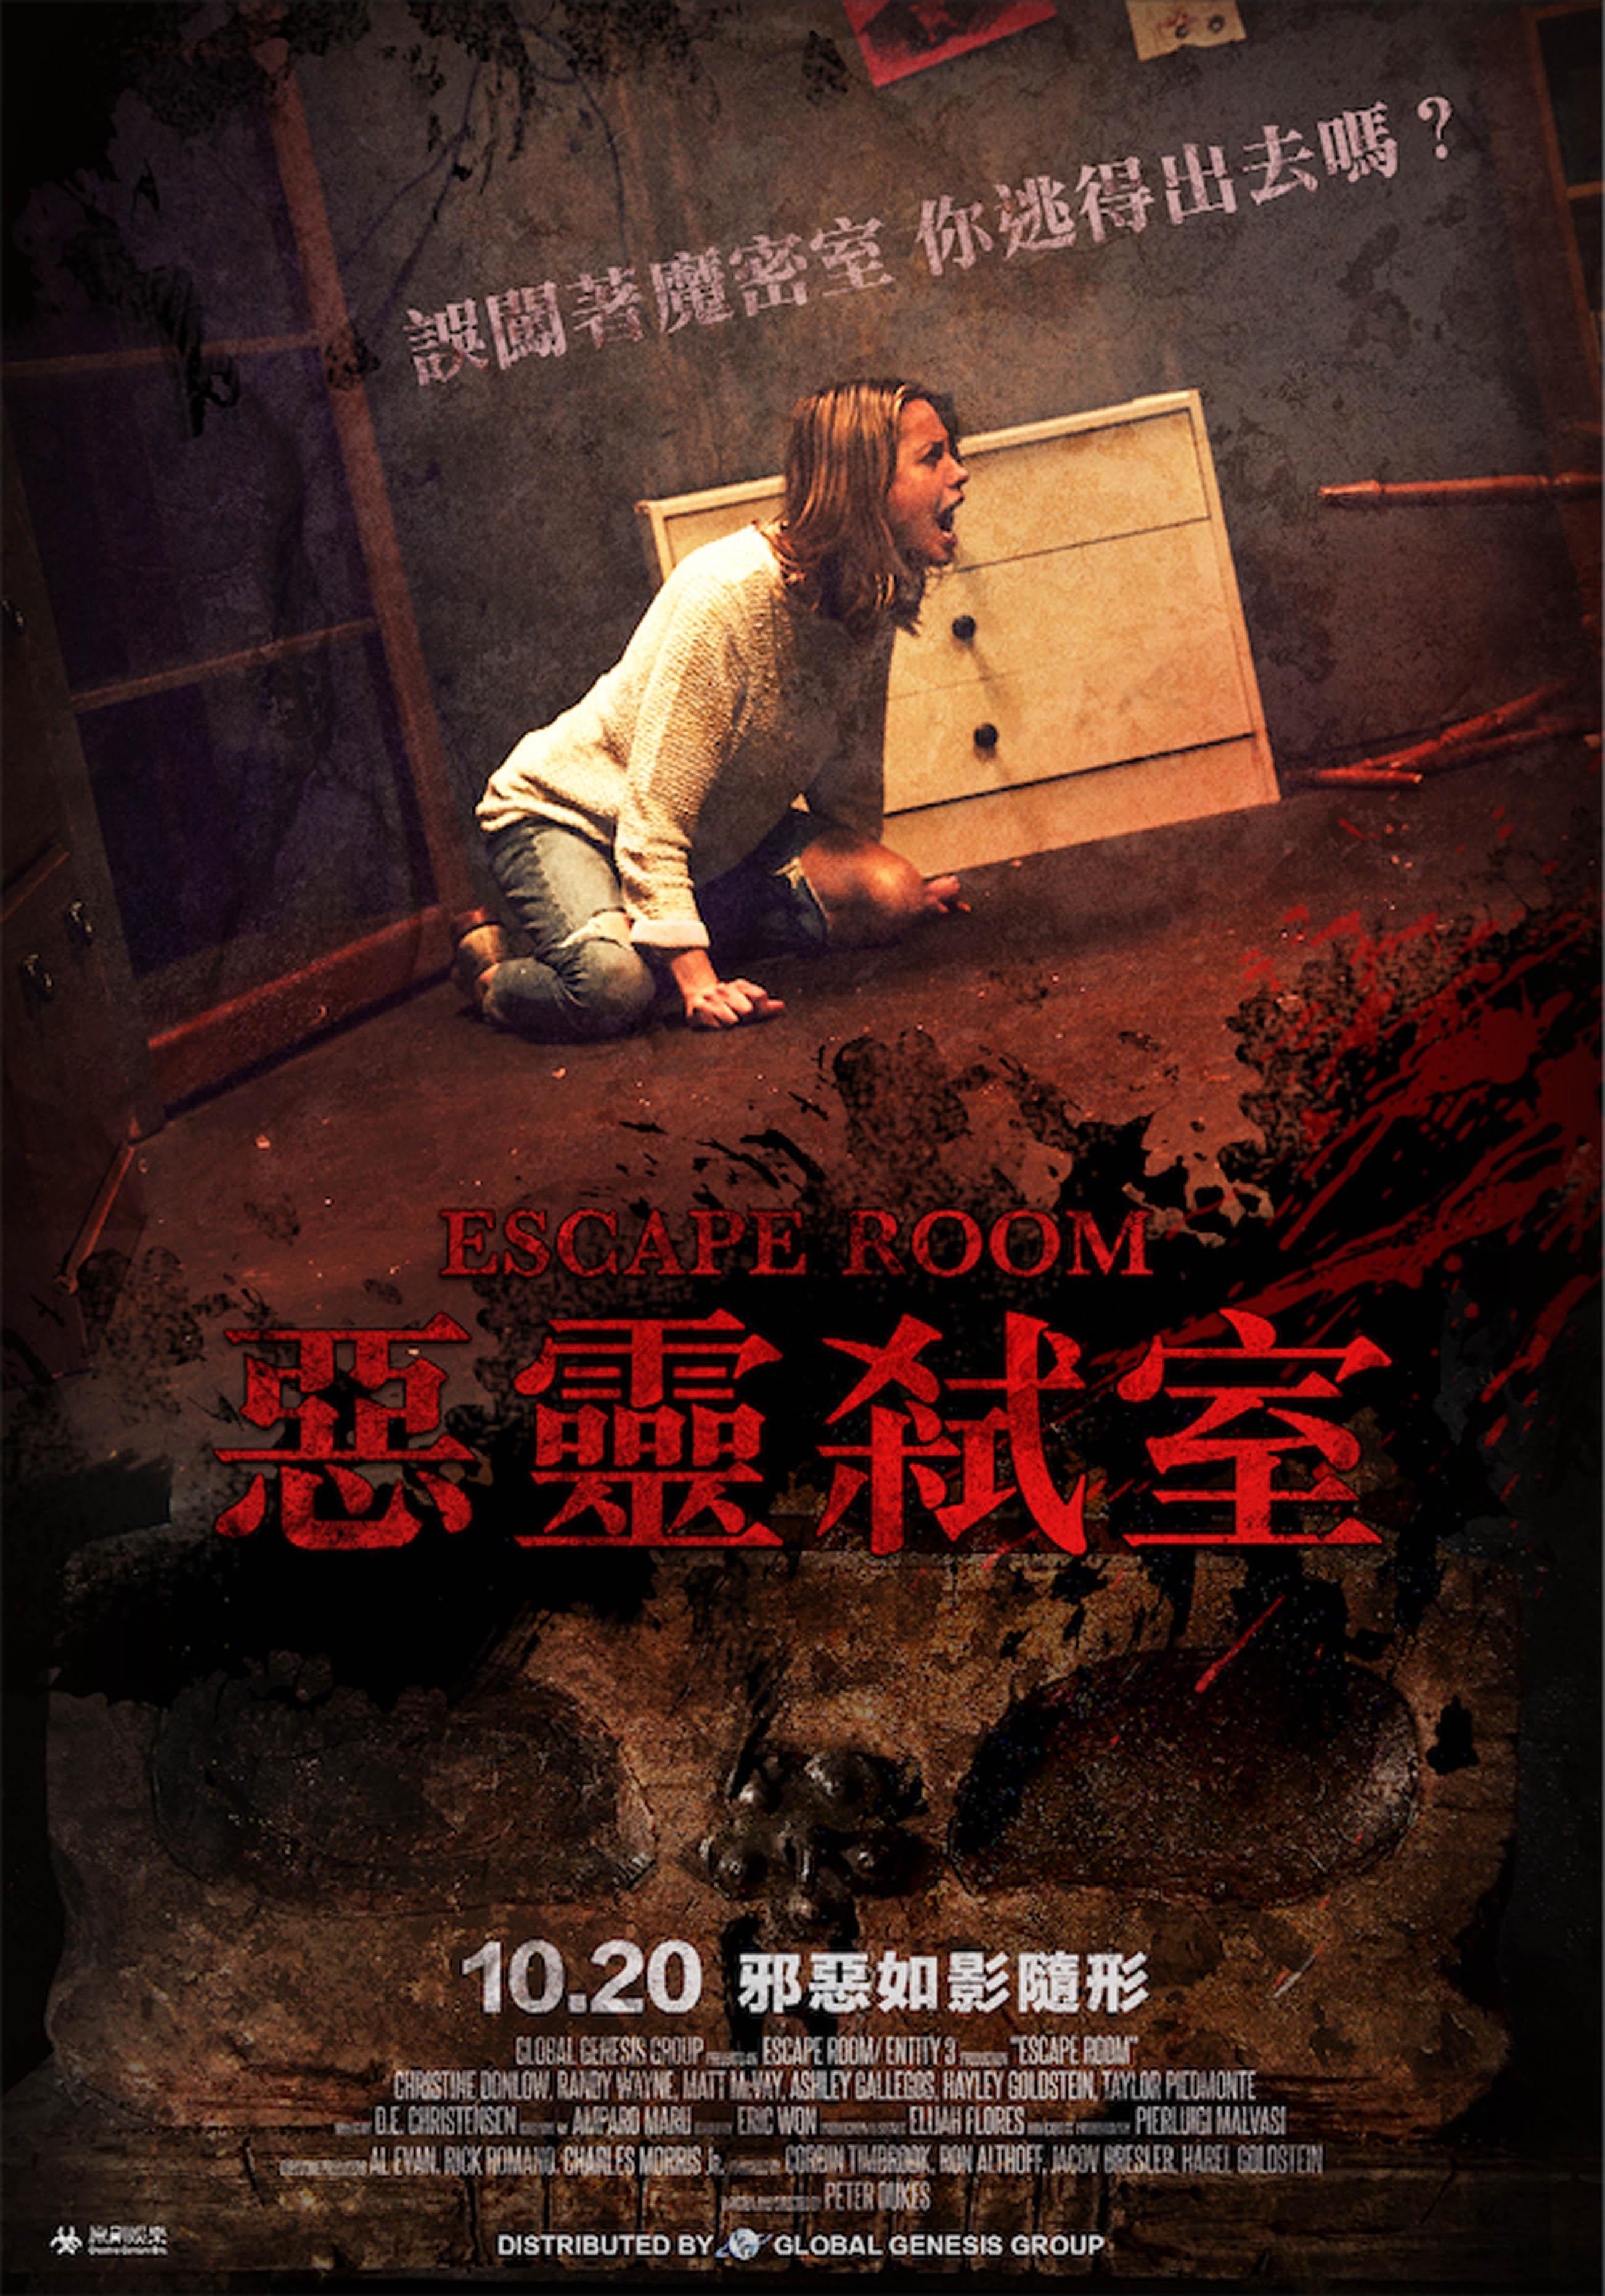 Escape Room Teaser Trailer